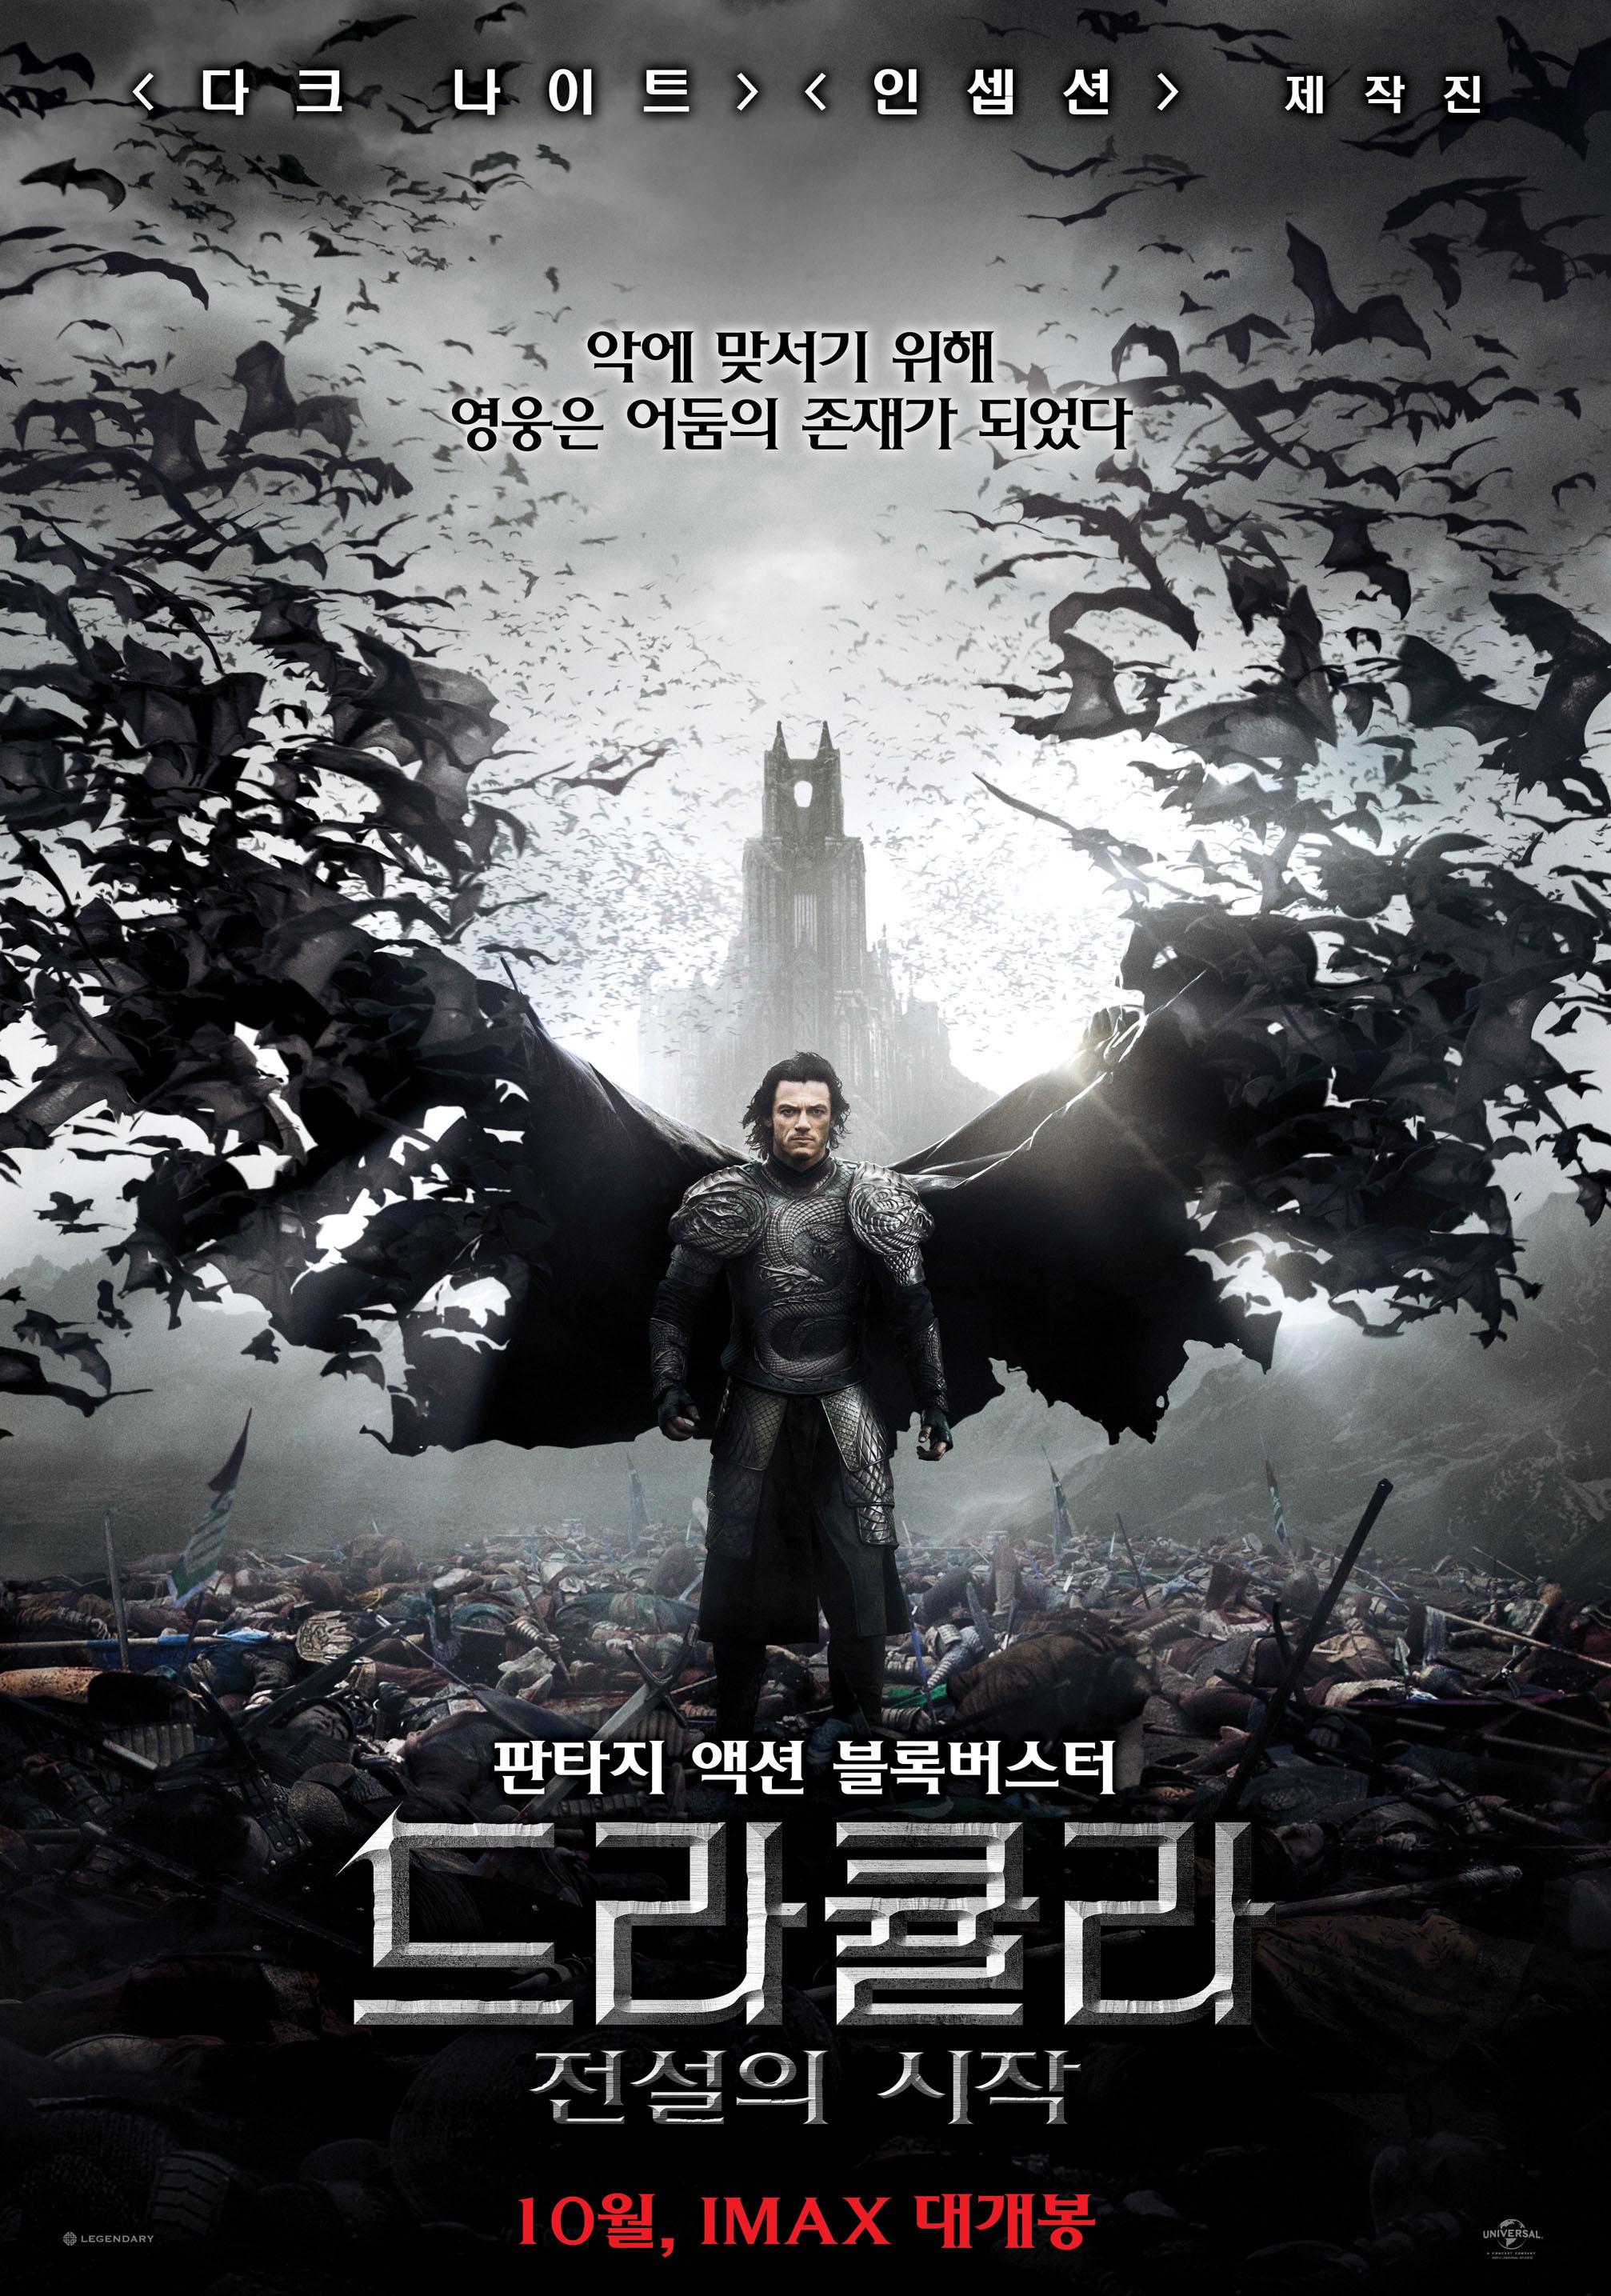 드라큘라 : 전설의 시작 - 두 배우 빼면 망한 영화